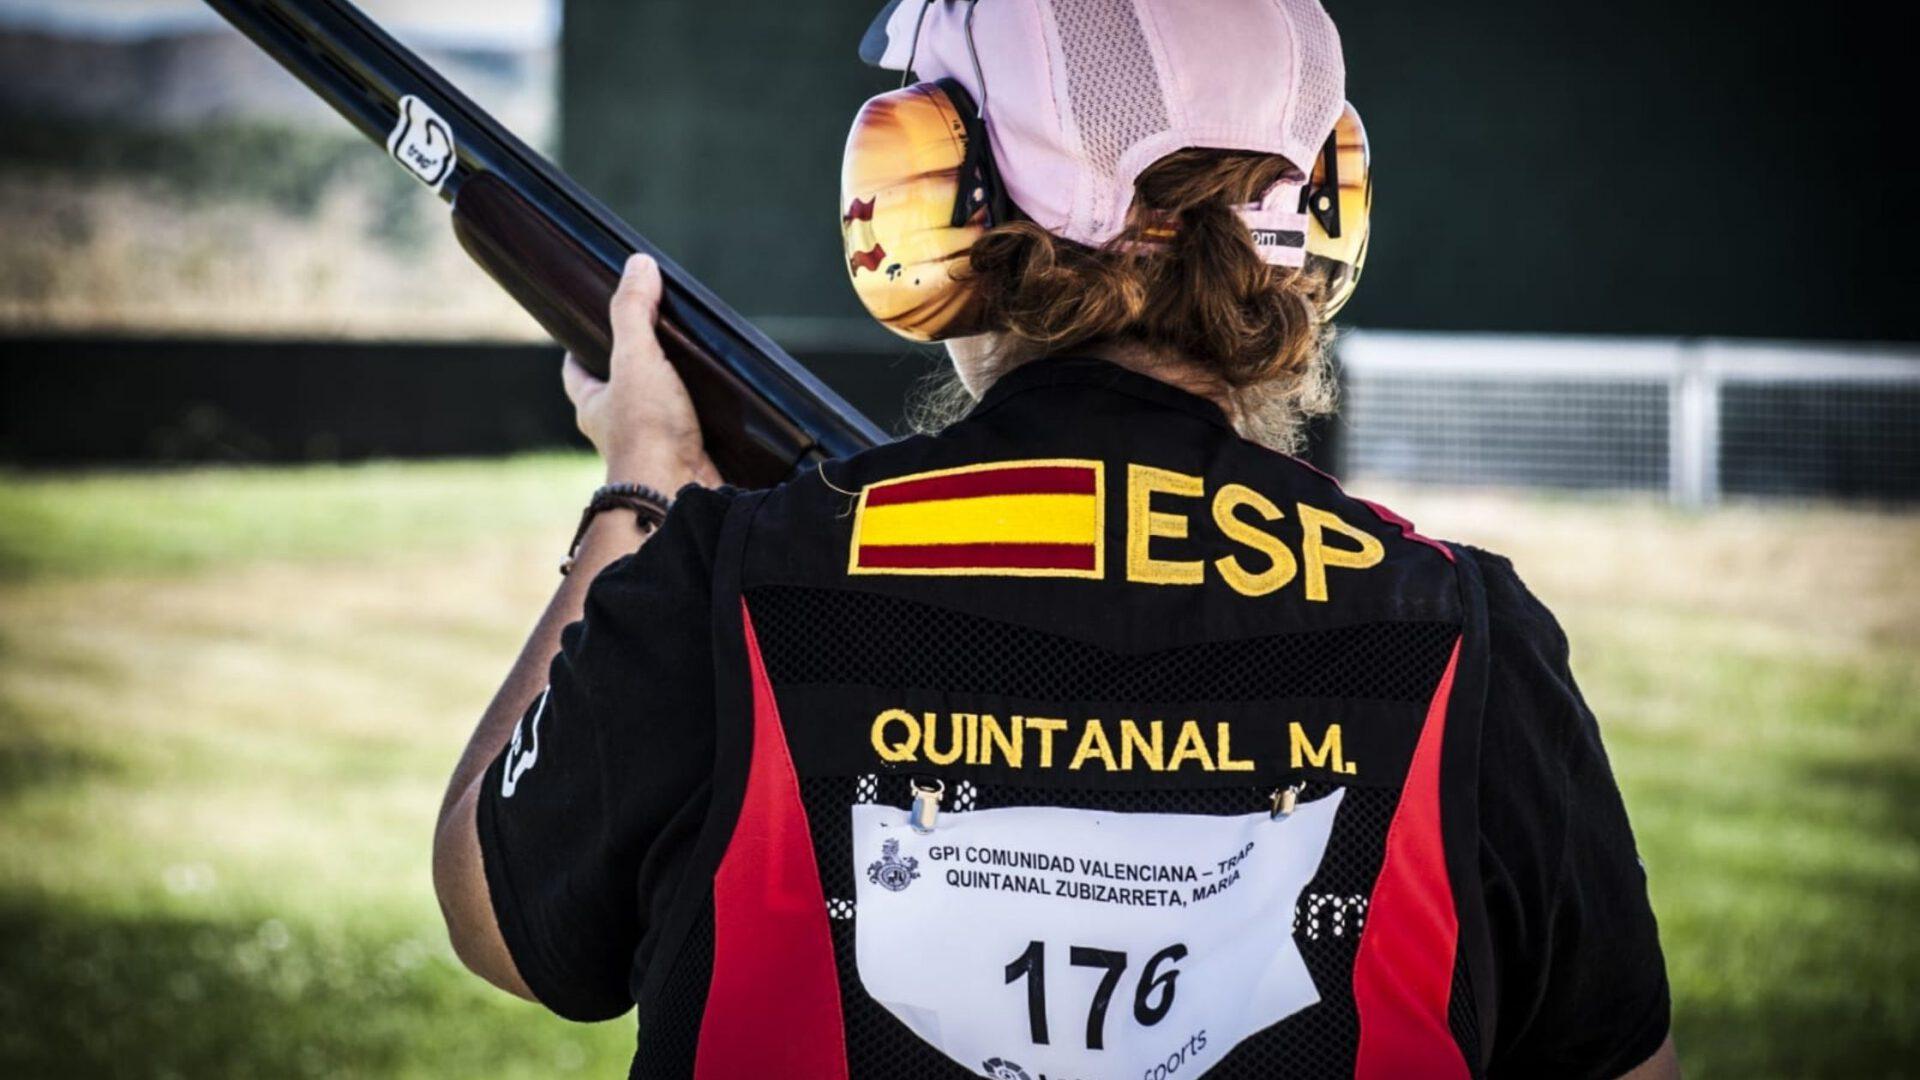 María-Quintanal-Juegos-Olímpicos